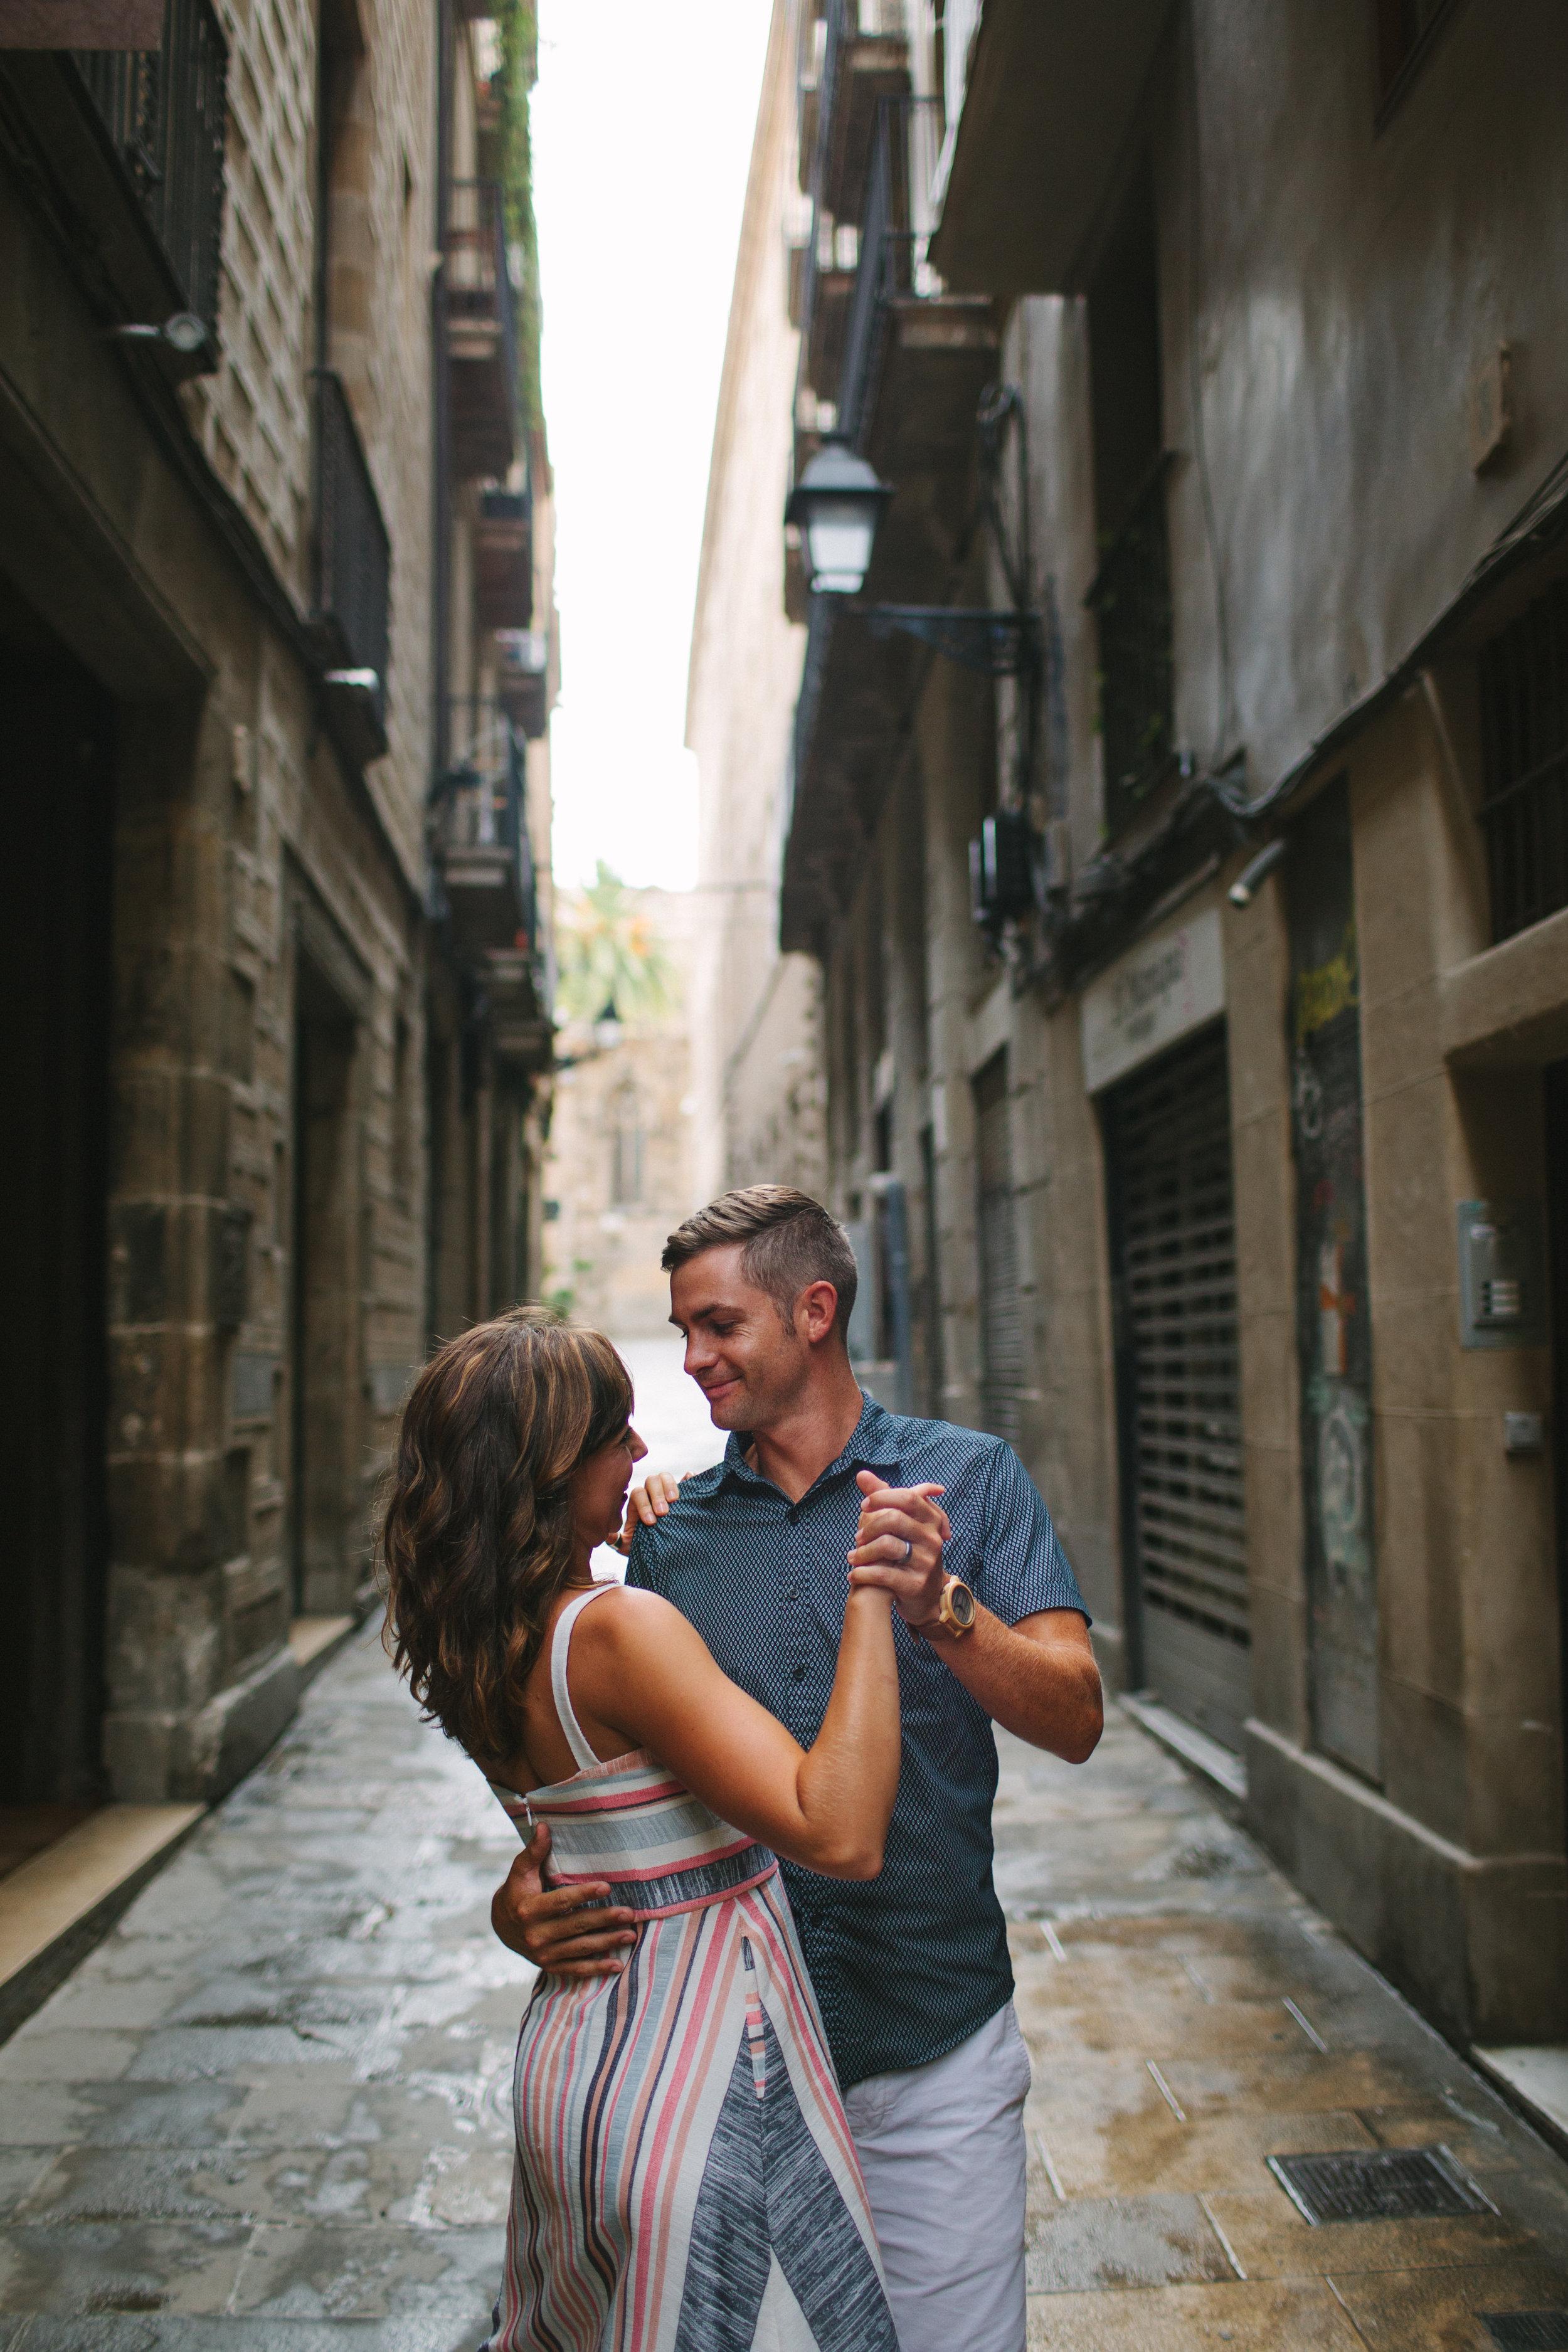 pareja bailando en la calle